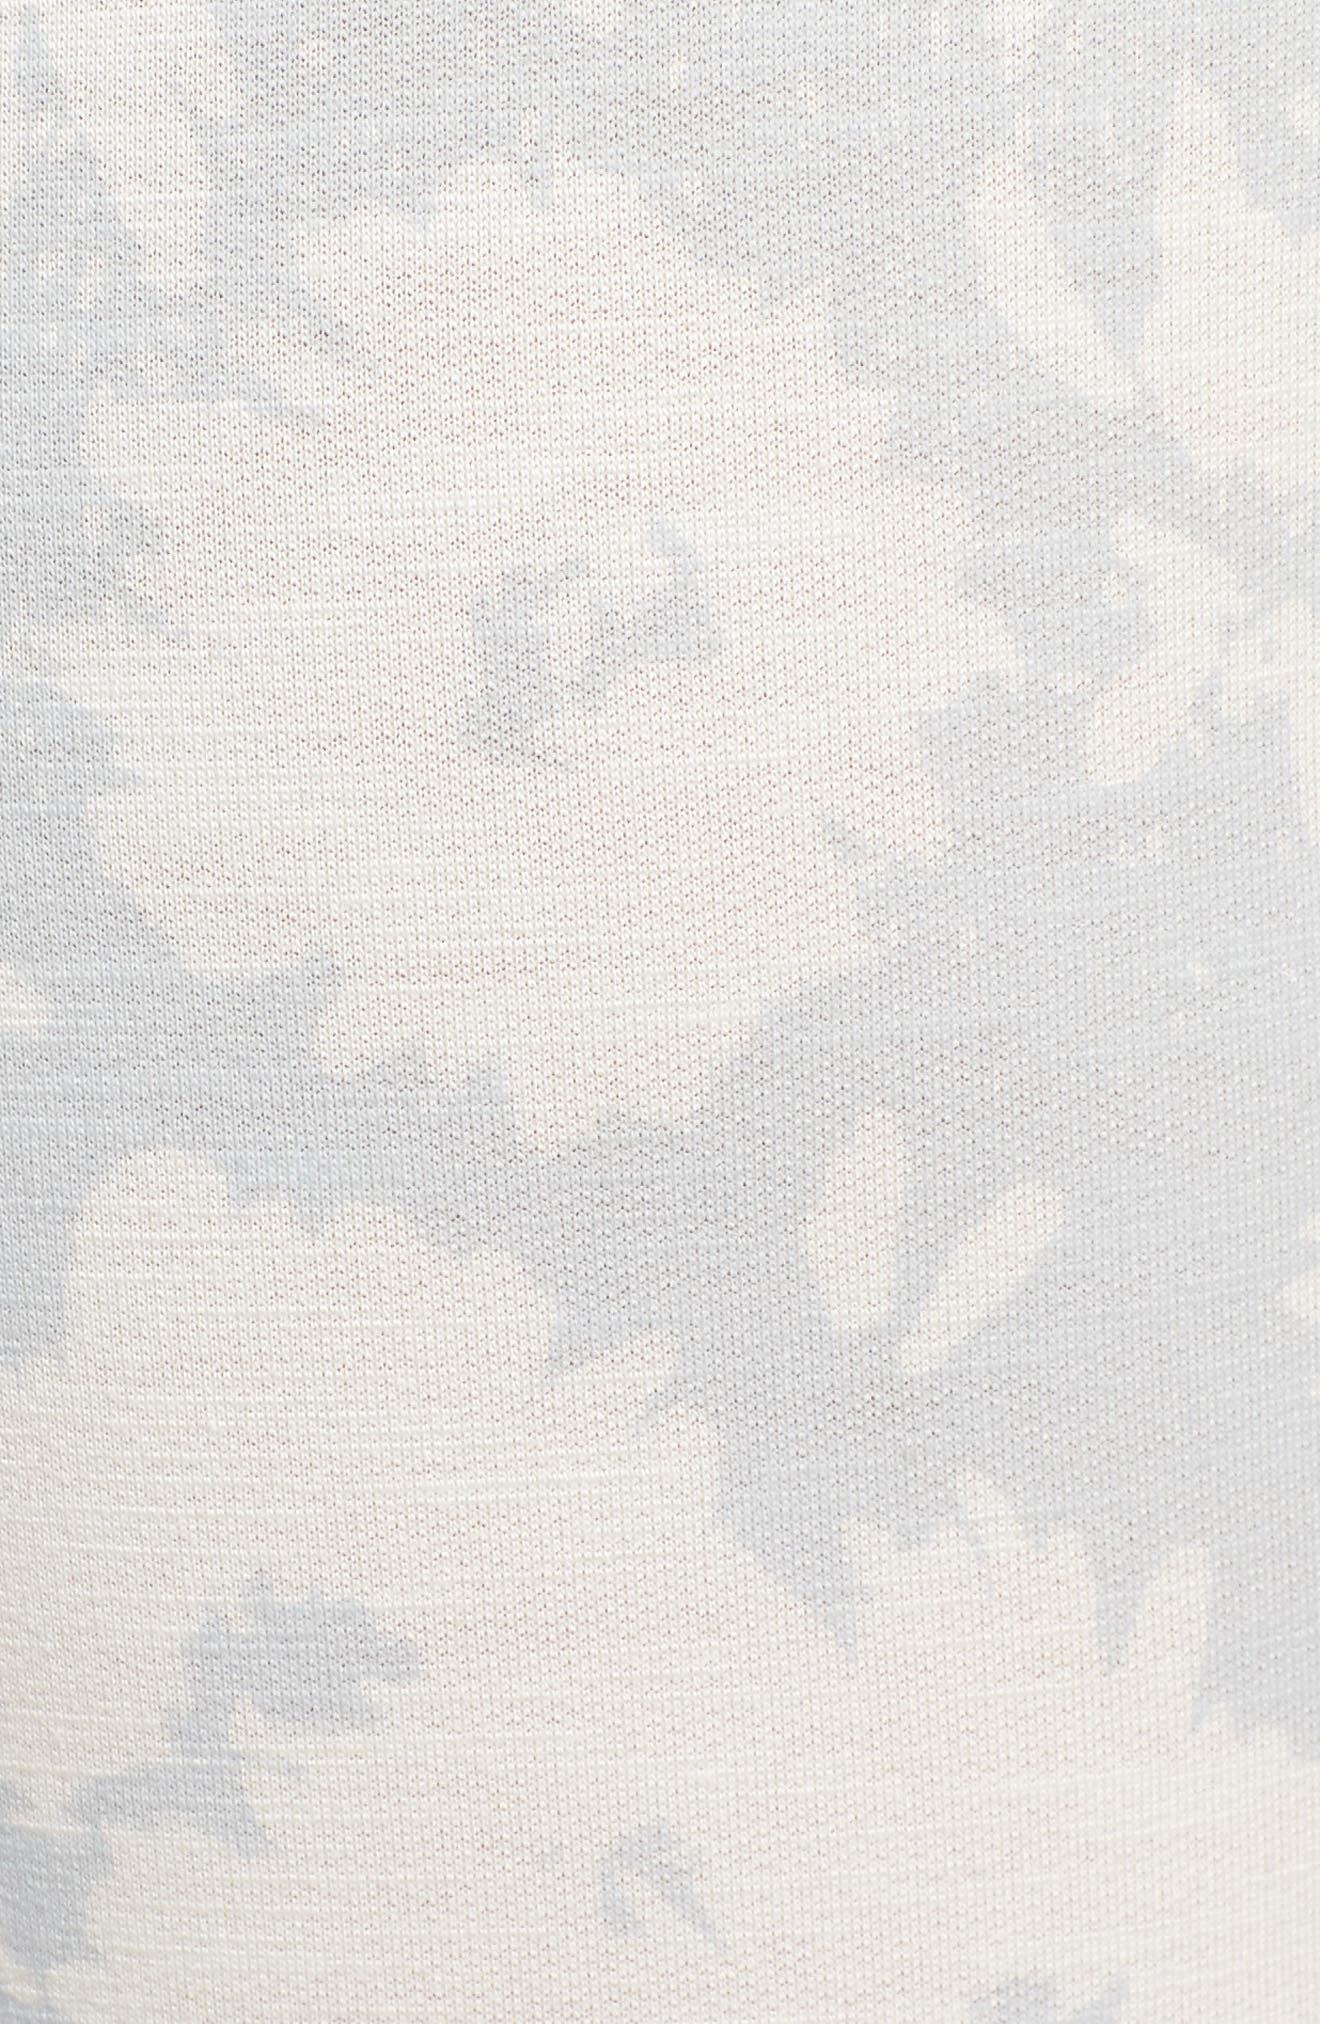 Stripe Print Capri Yoga Pants,                             Alternate thumbnail 6, color,                             451